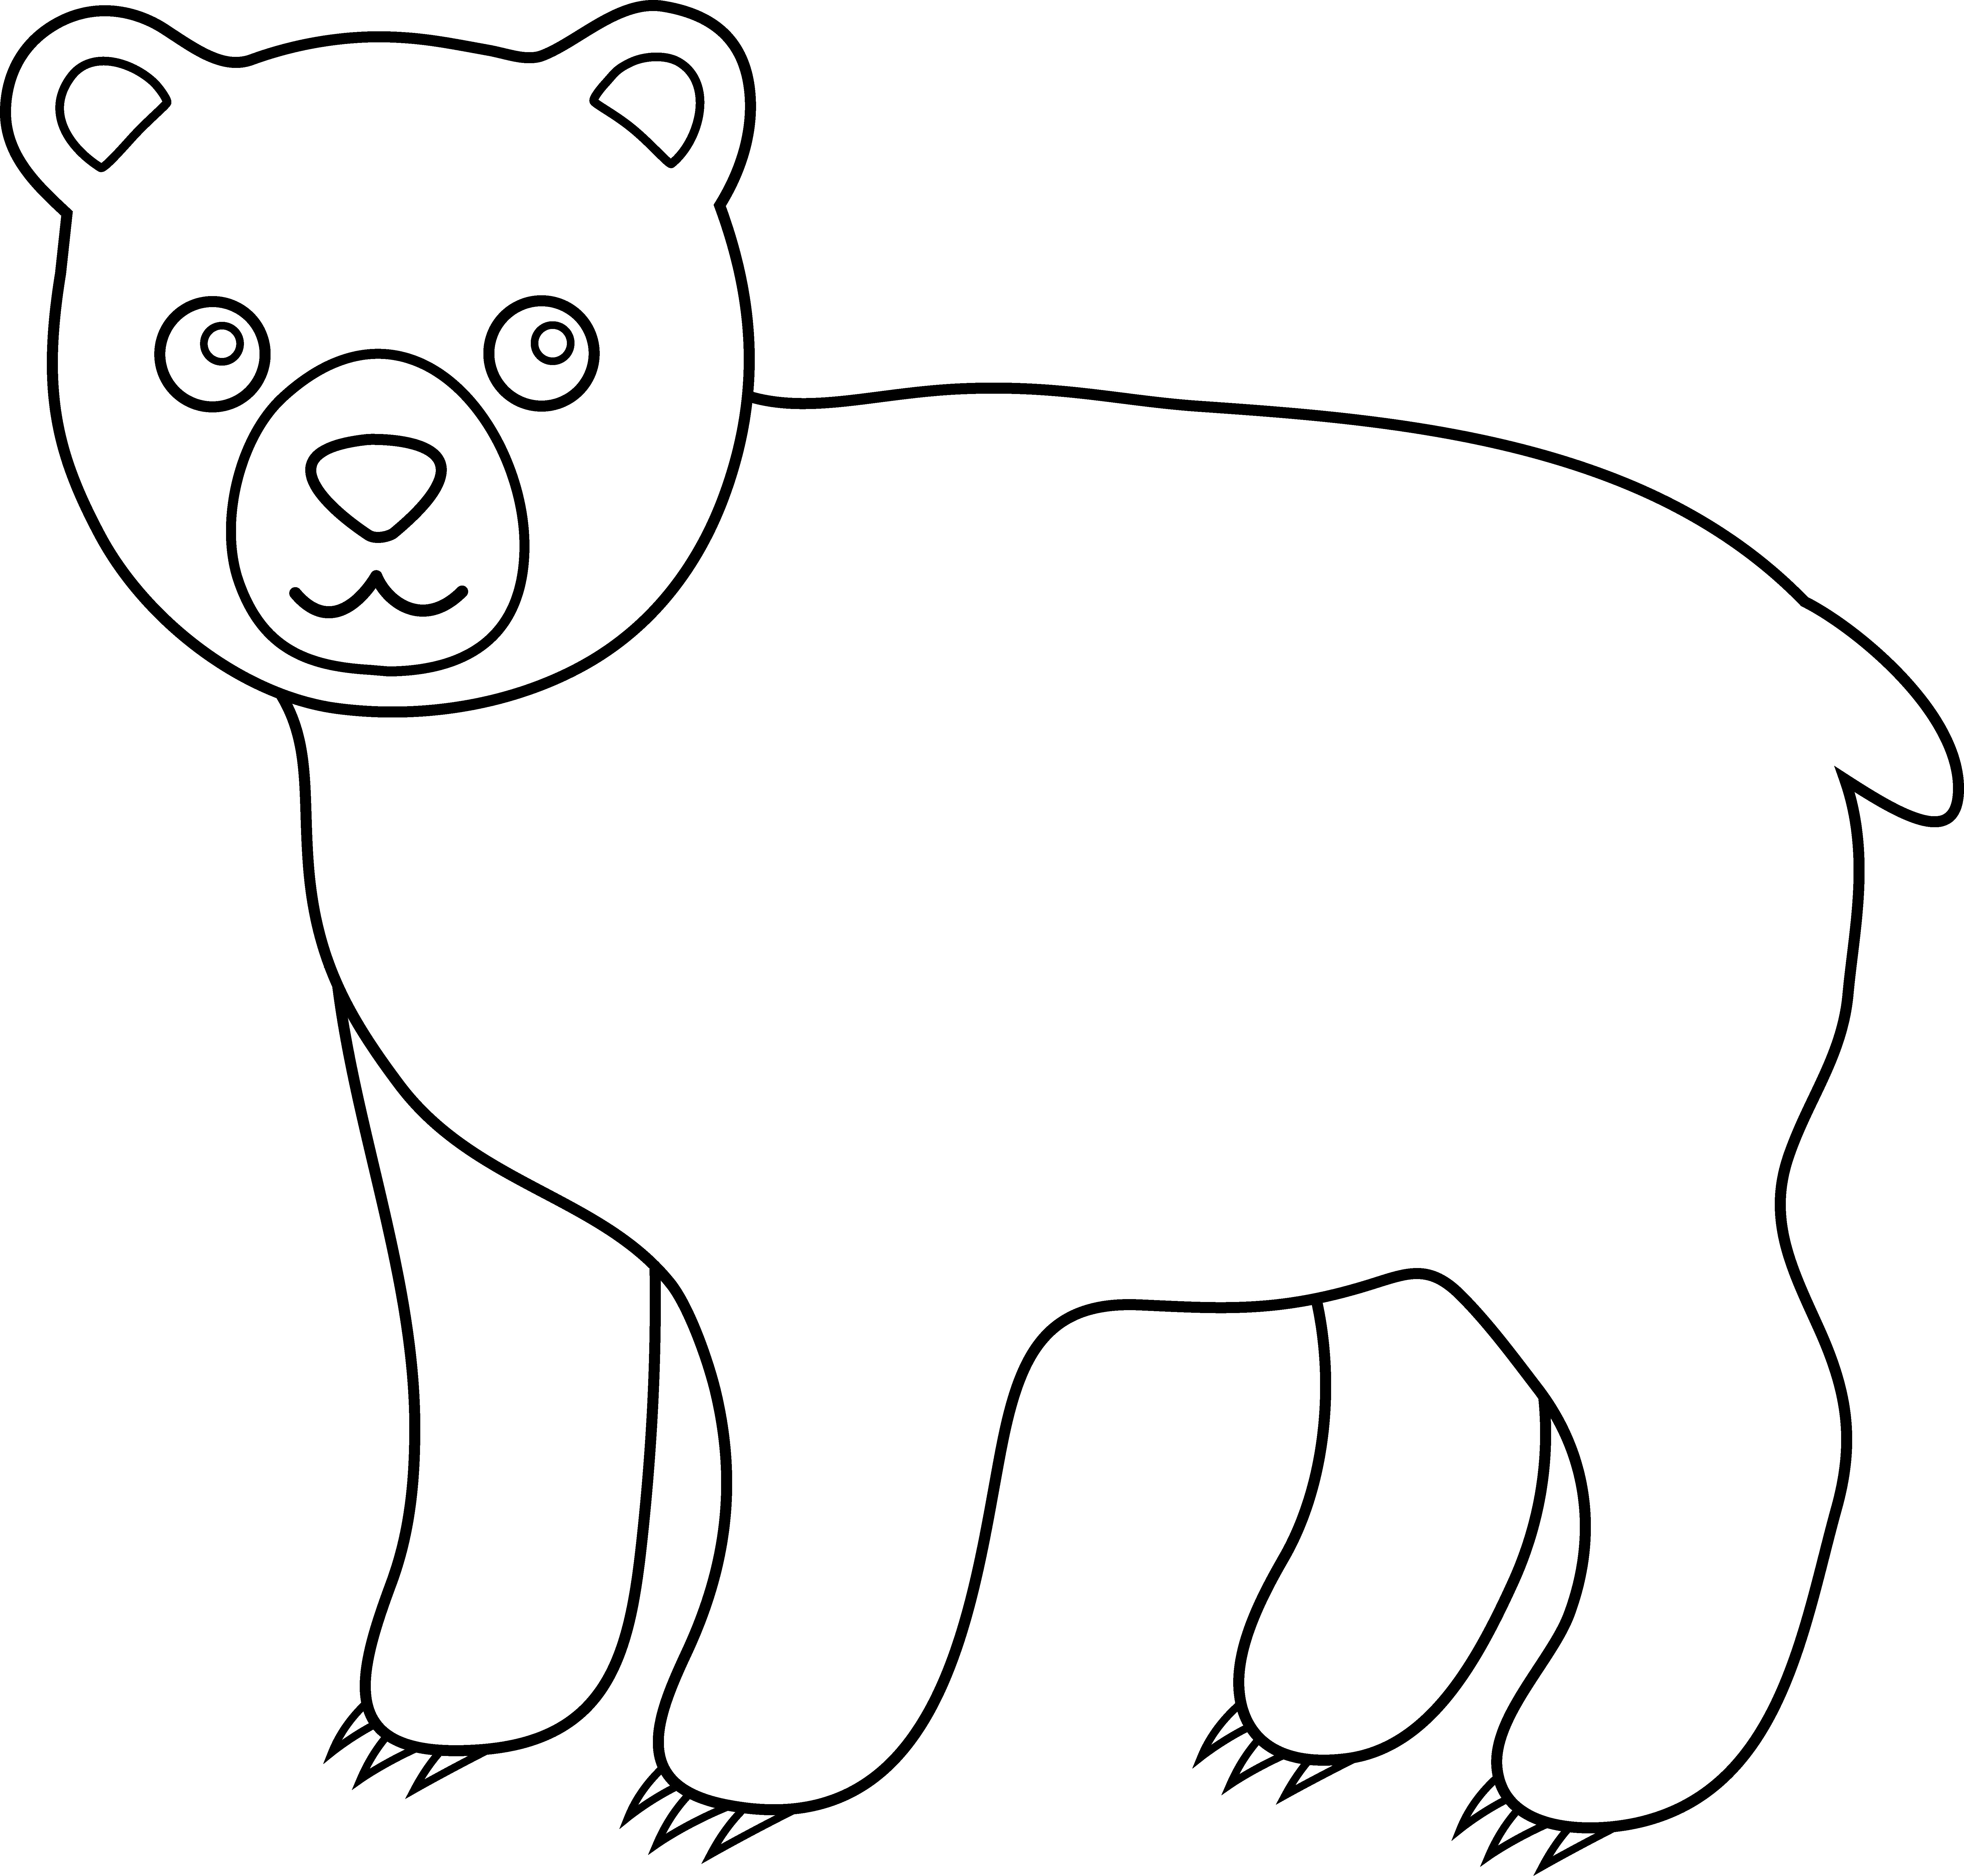 Cute black and white. Kiss clipart panda bear